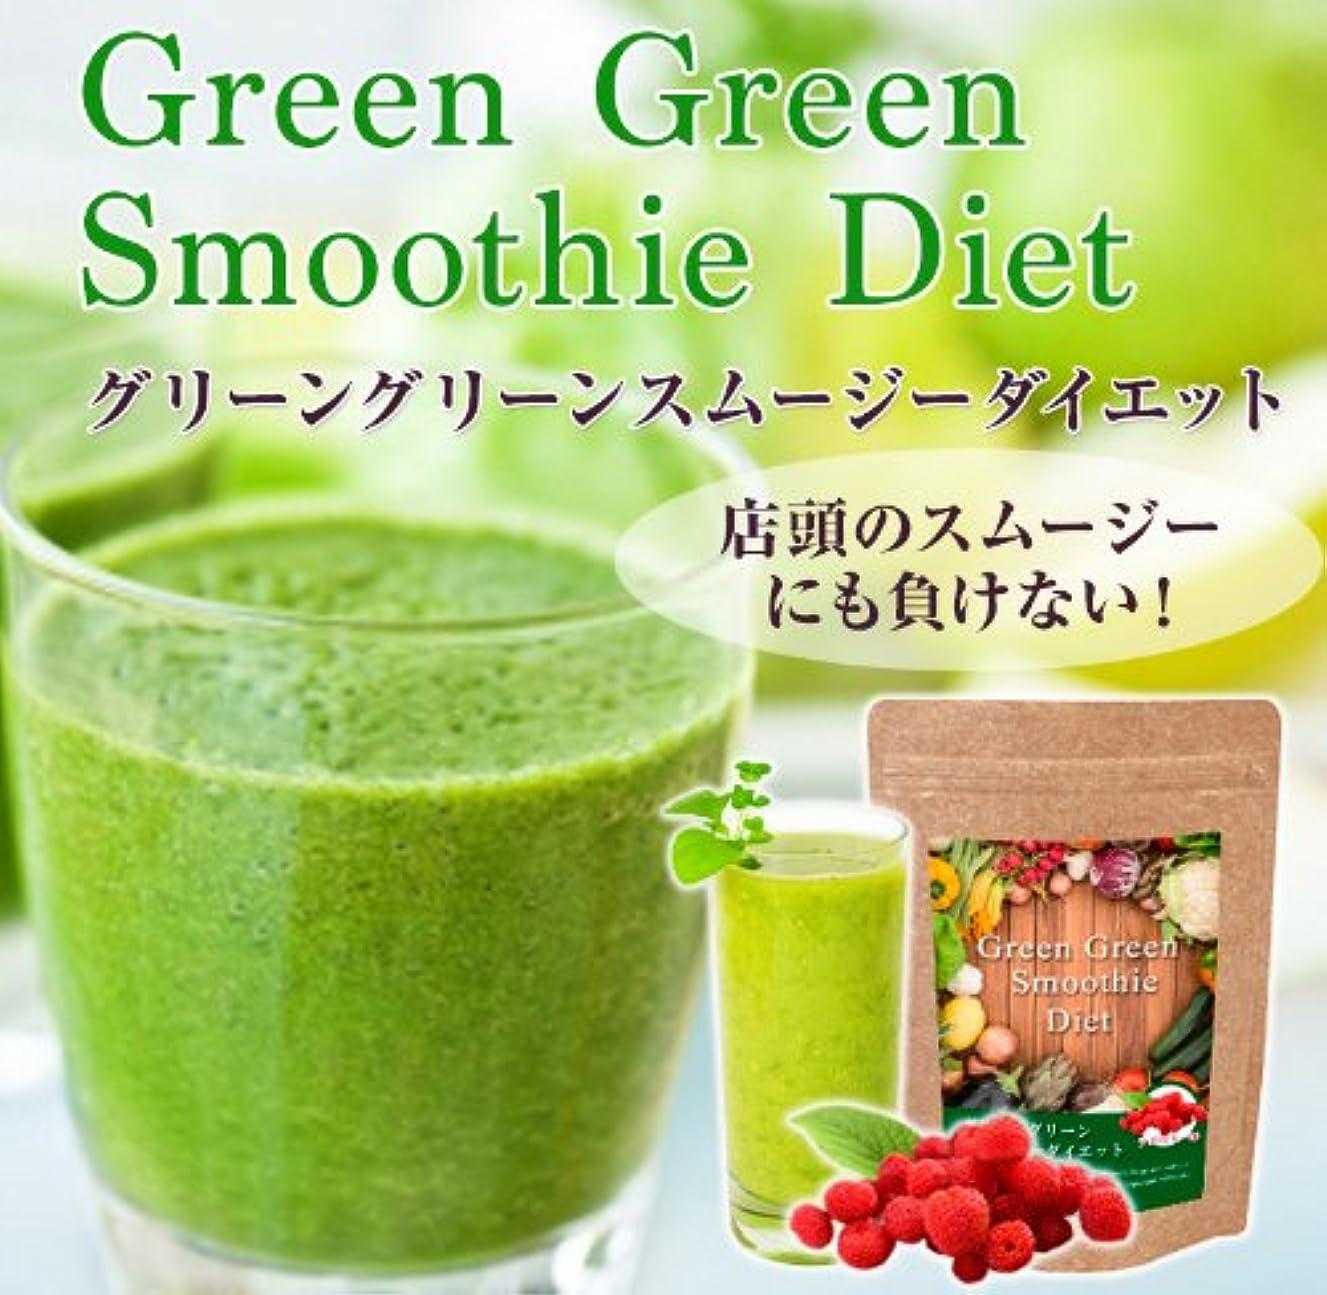 肉の認可スロットグリーングリーンスムージー ダイエット 2個セット(置き換えダイエットスムージー)